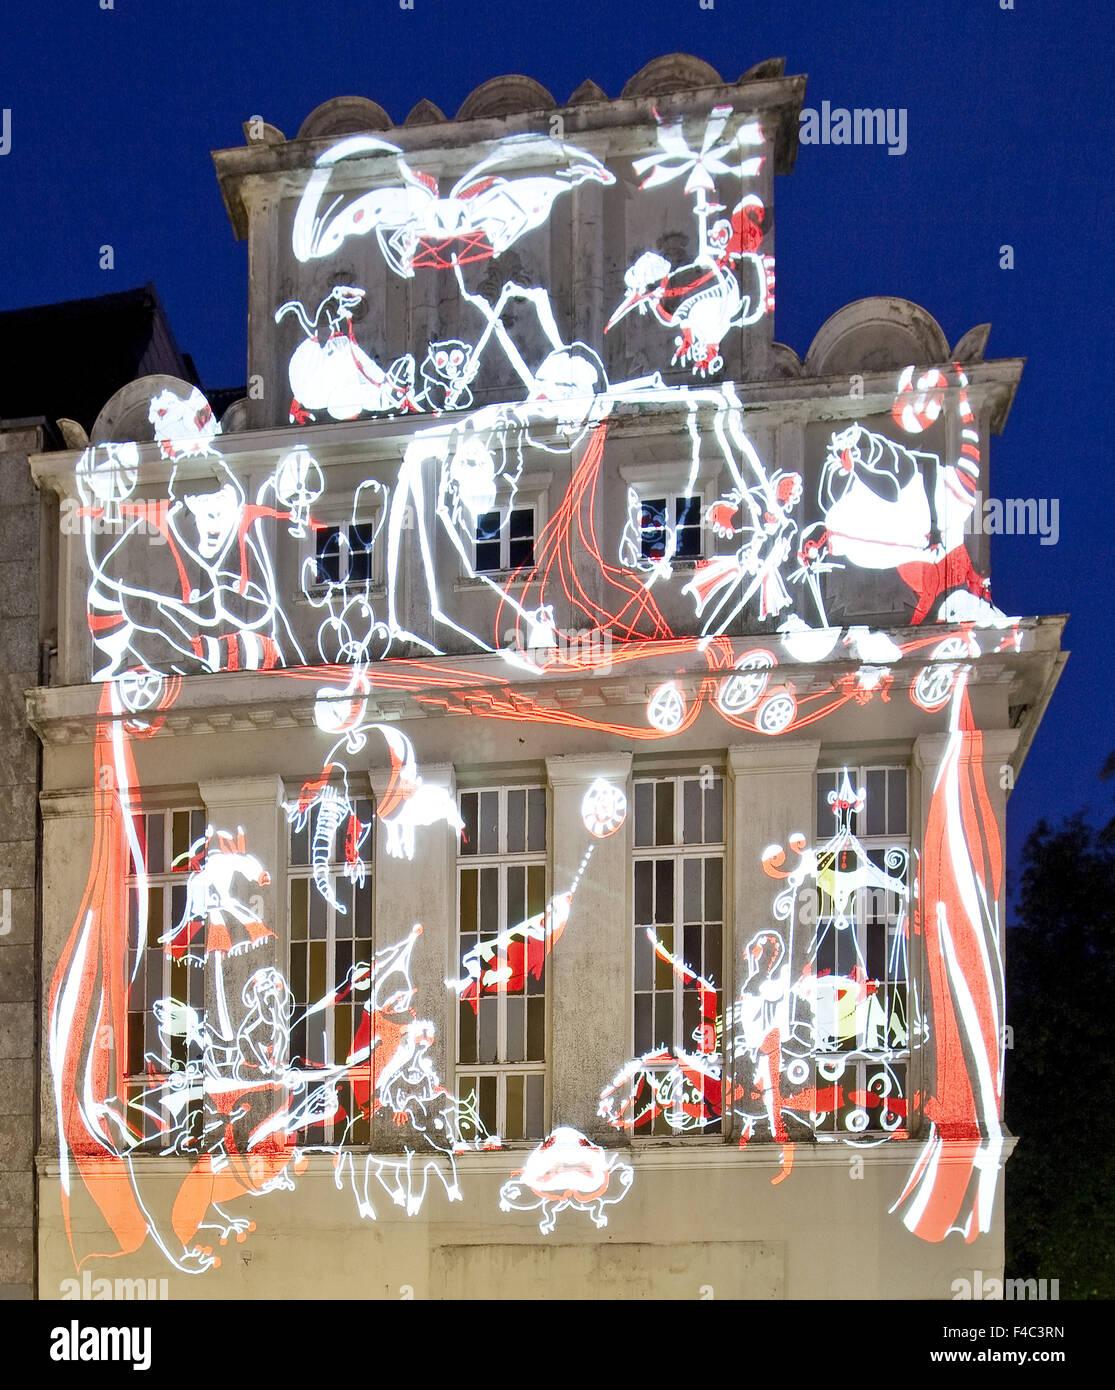 Event LichtRouten, Luedenscheid, Germany - Stock Image